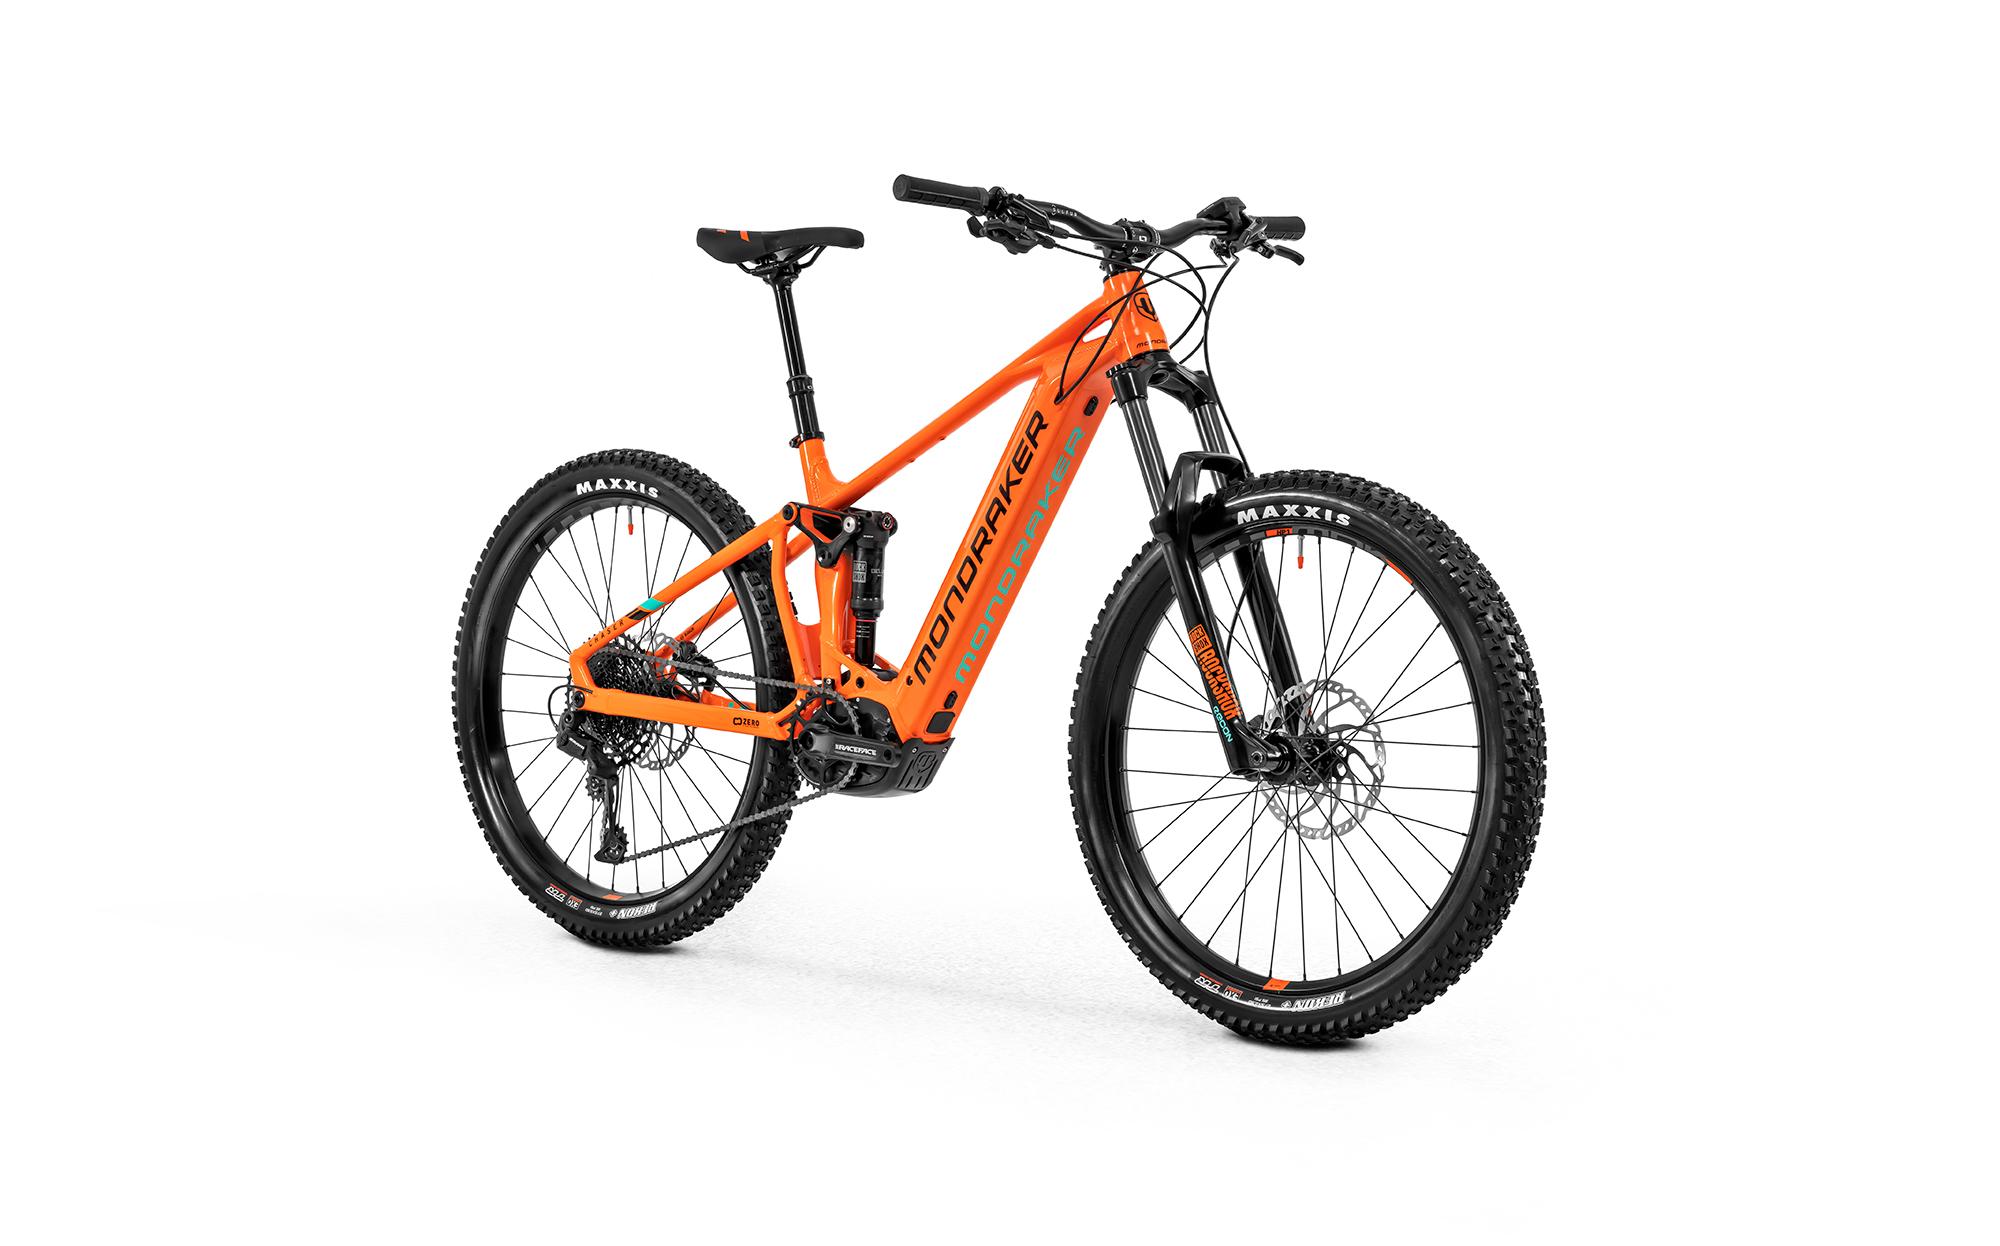 e bike da trail Chaser +mondraker